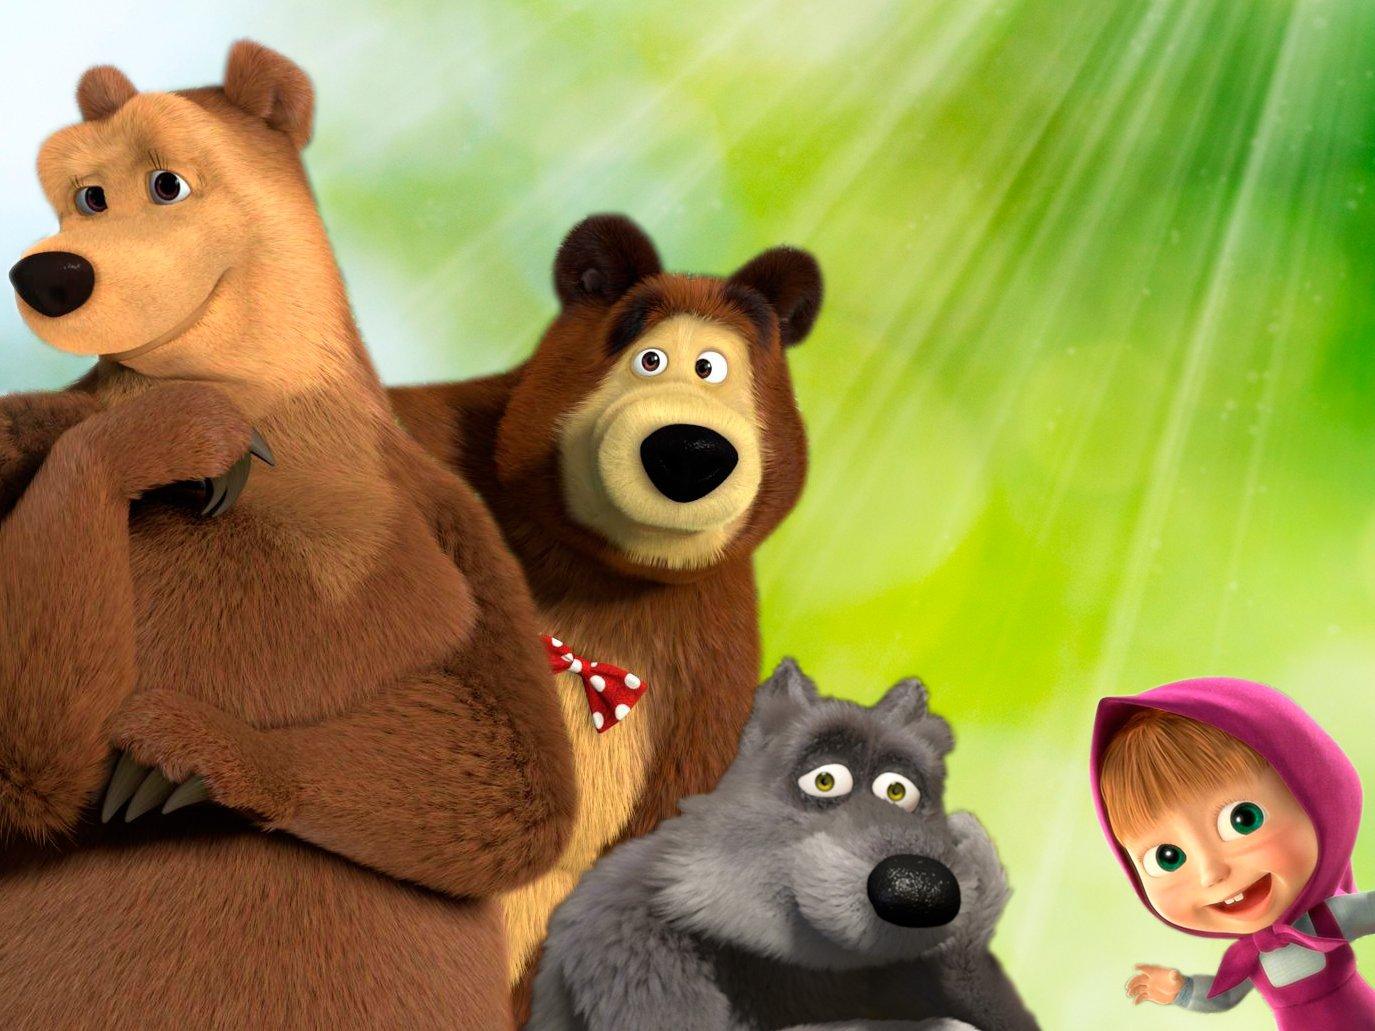 Открытки из мульта маша и медведь, лентами картинки прикольные